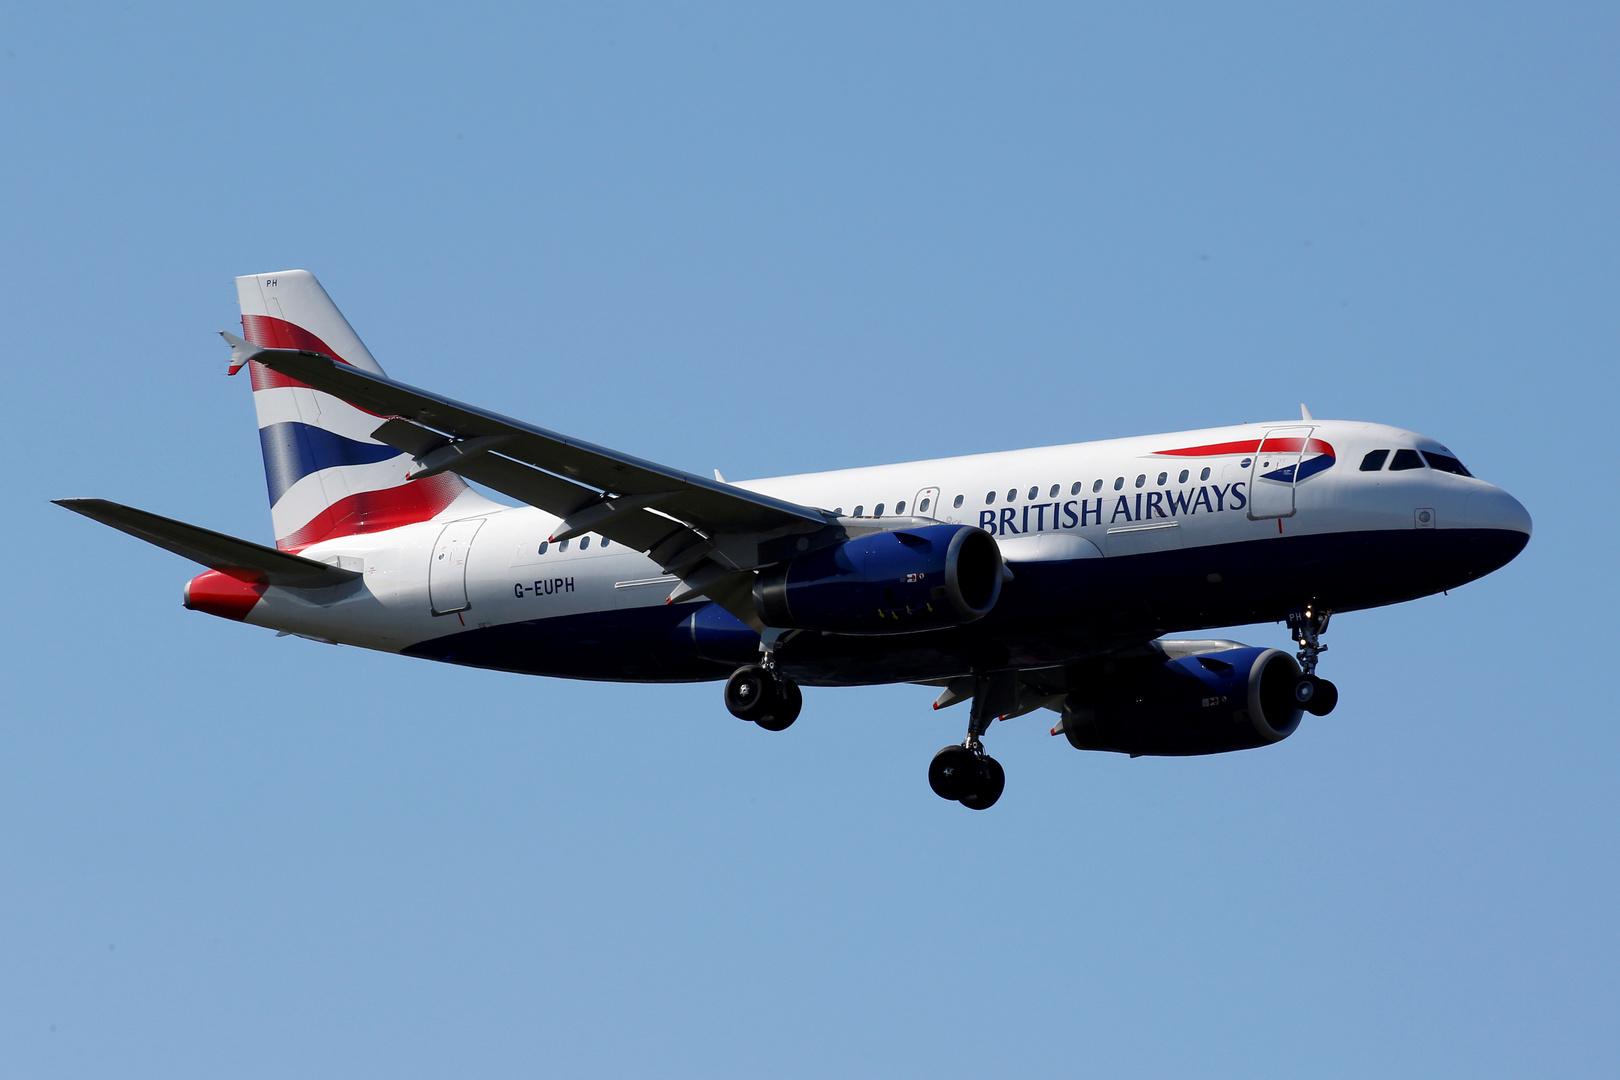 طائرة ركاب بريطانية تغير وجهتها بشكل دراماتيكي تجنبا للصواريخ الإيرانية